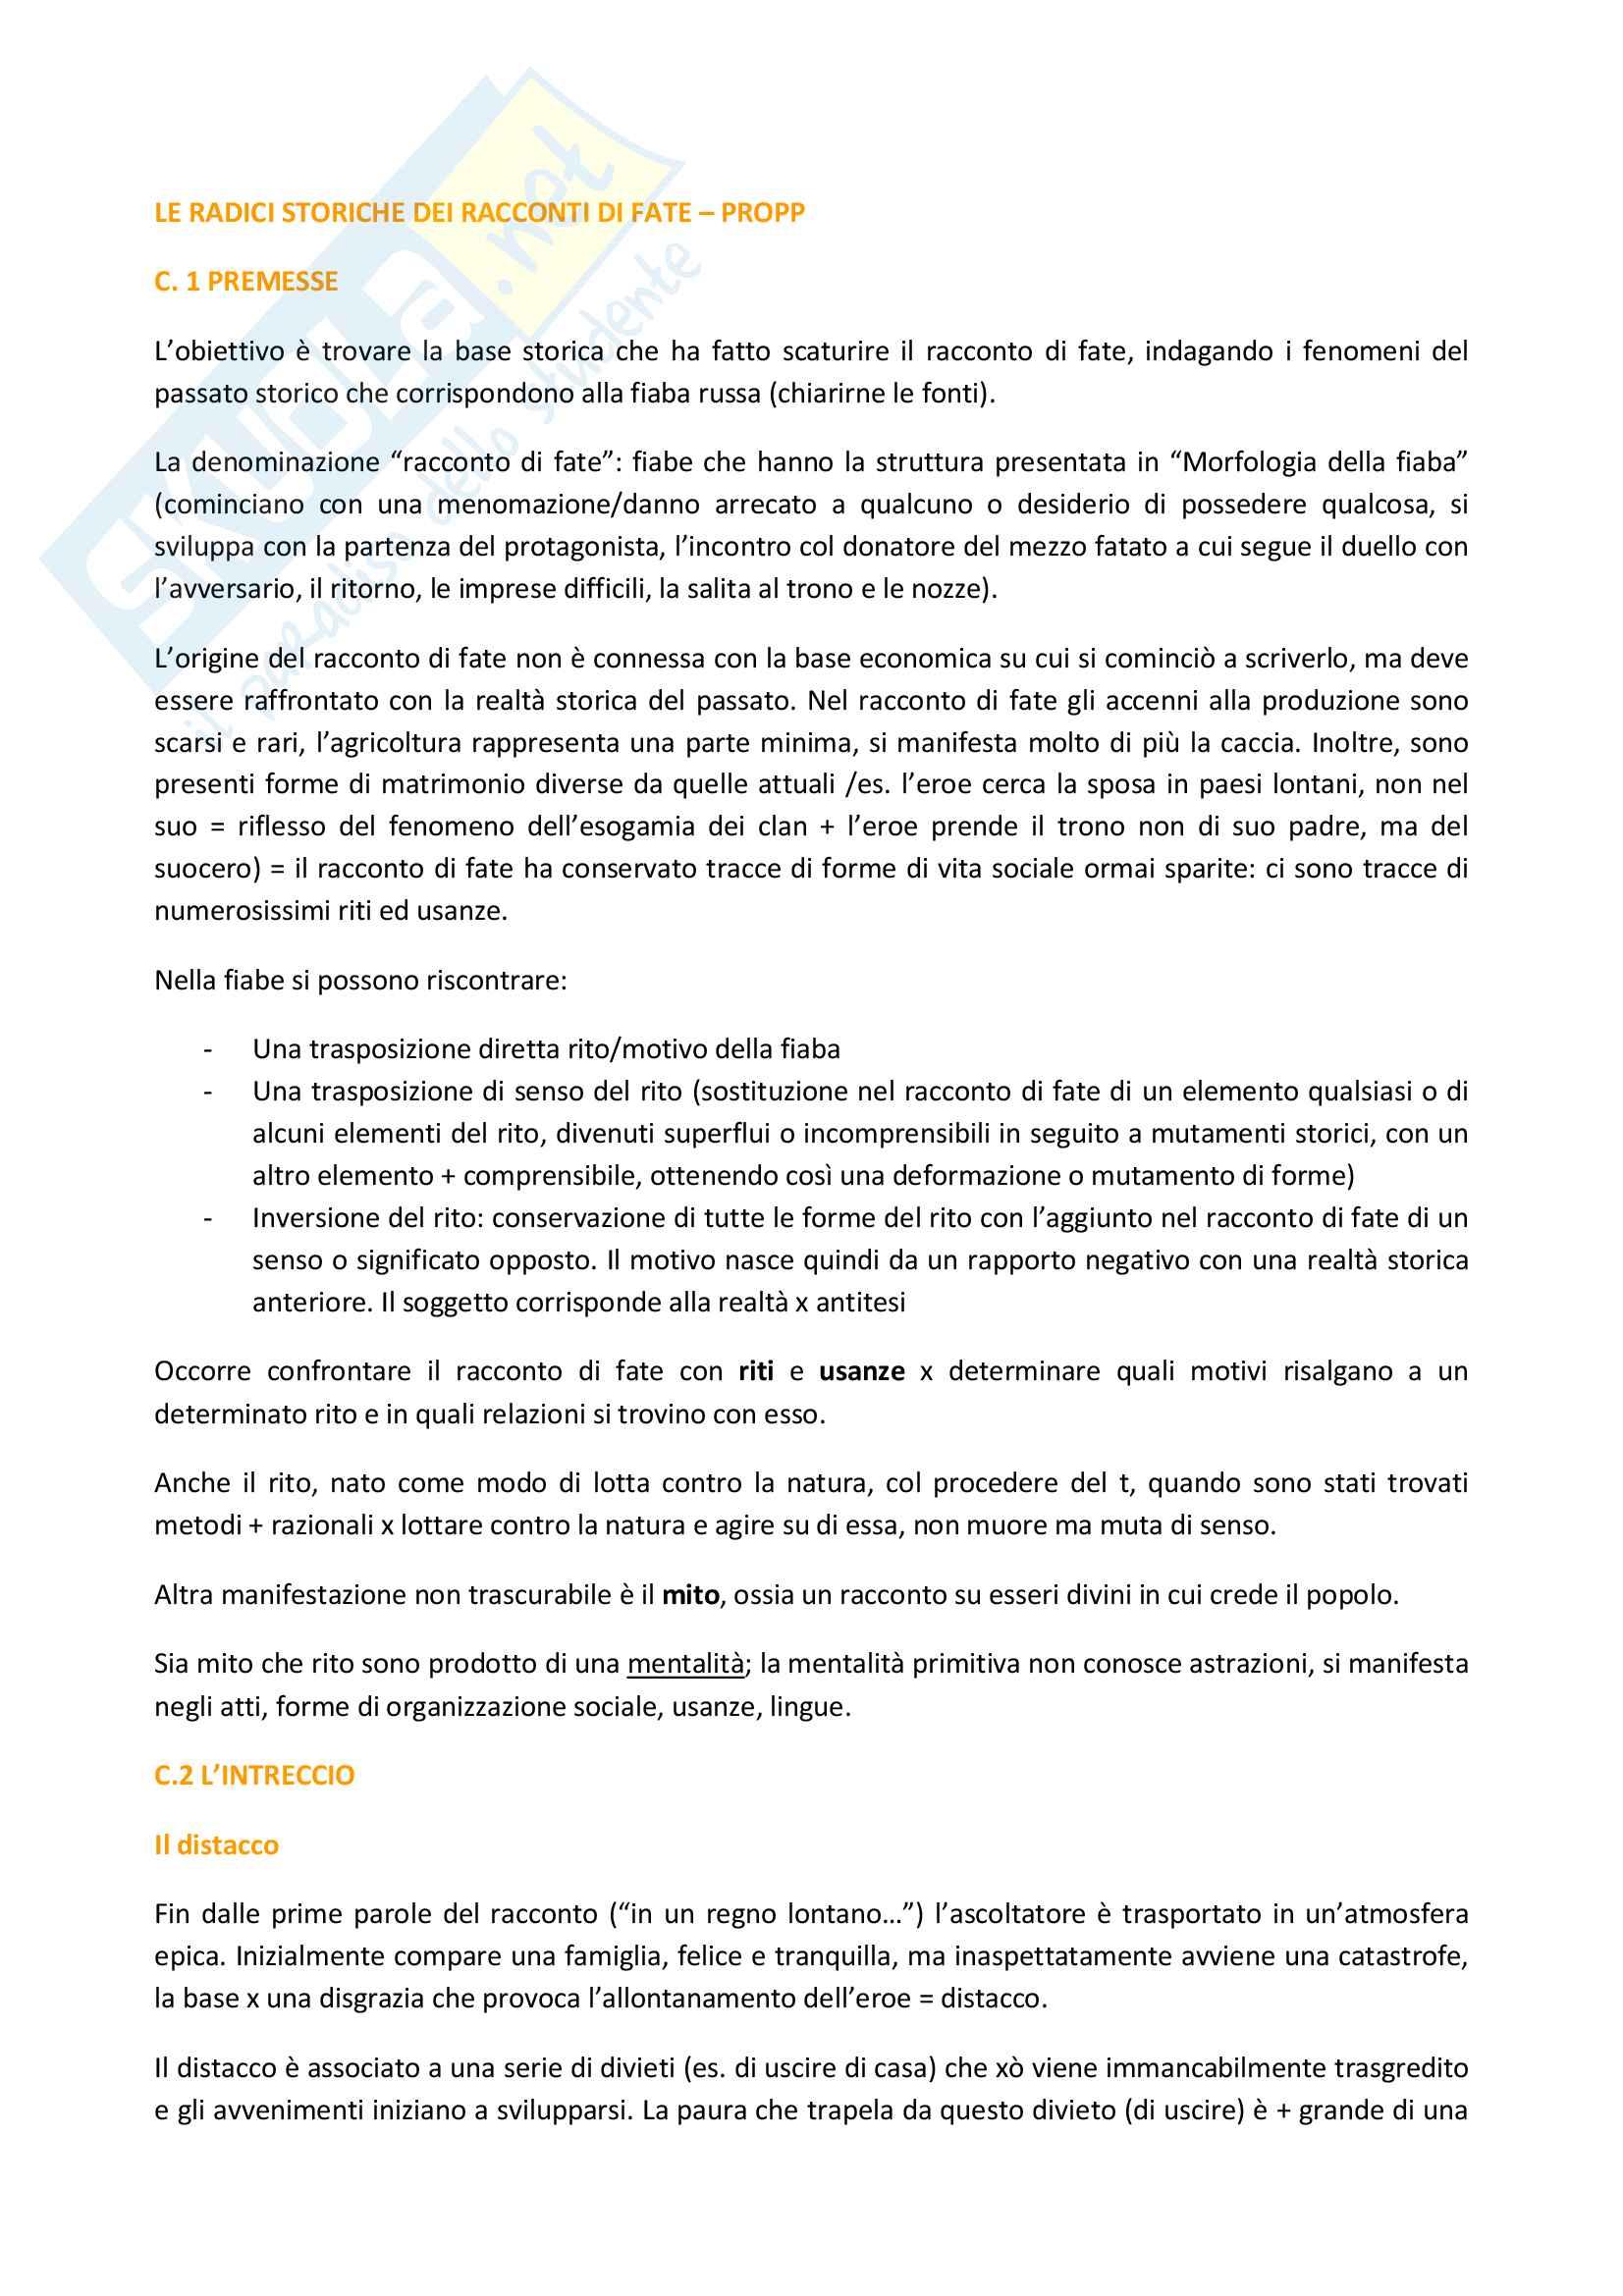 Riassunto esame Antropologia culturale, prof. Guaraldo, libro consigliato Le radici storiche dei racconti di fate, di Propp